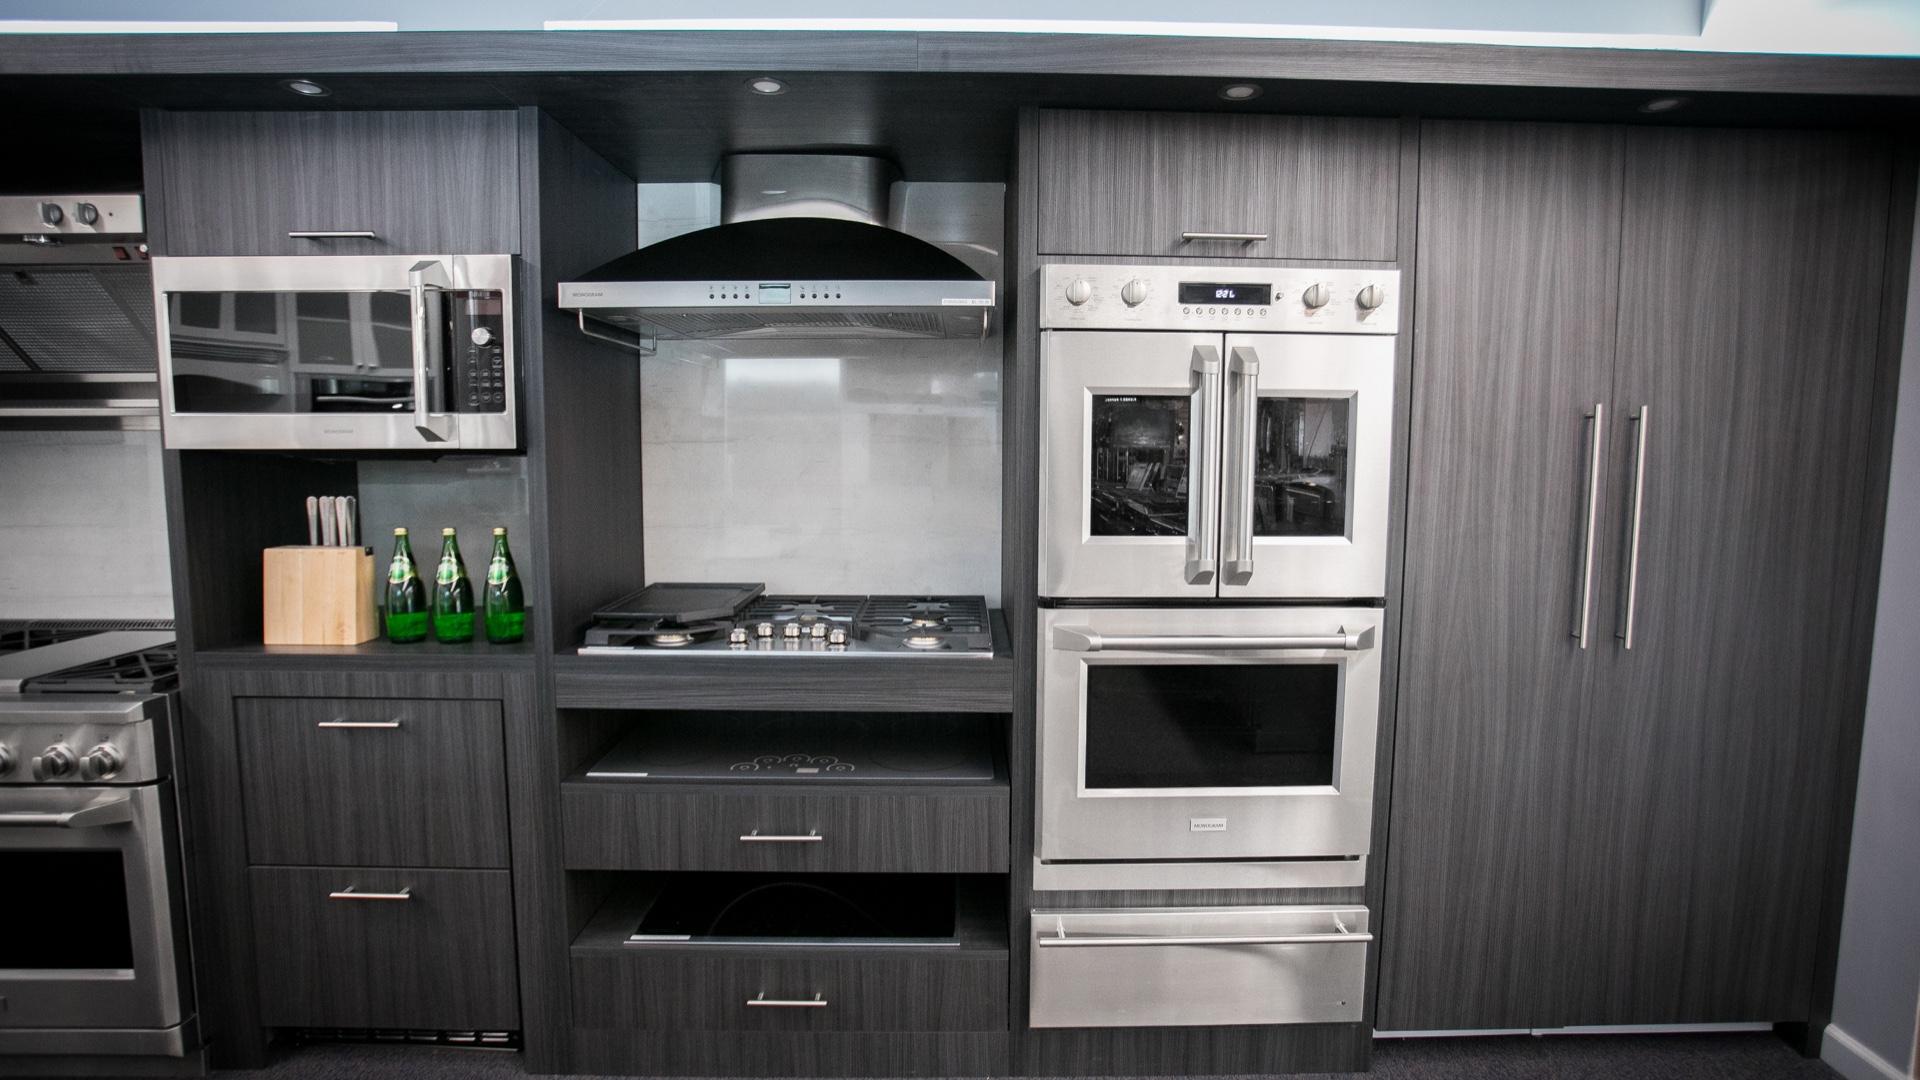 Barrys Appliances 21